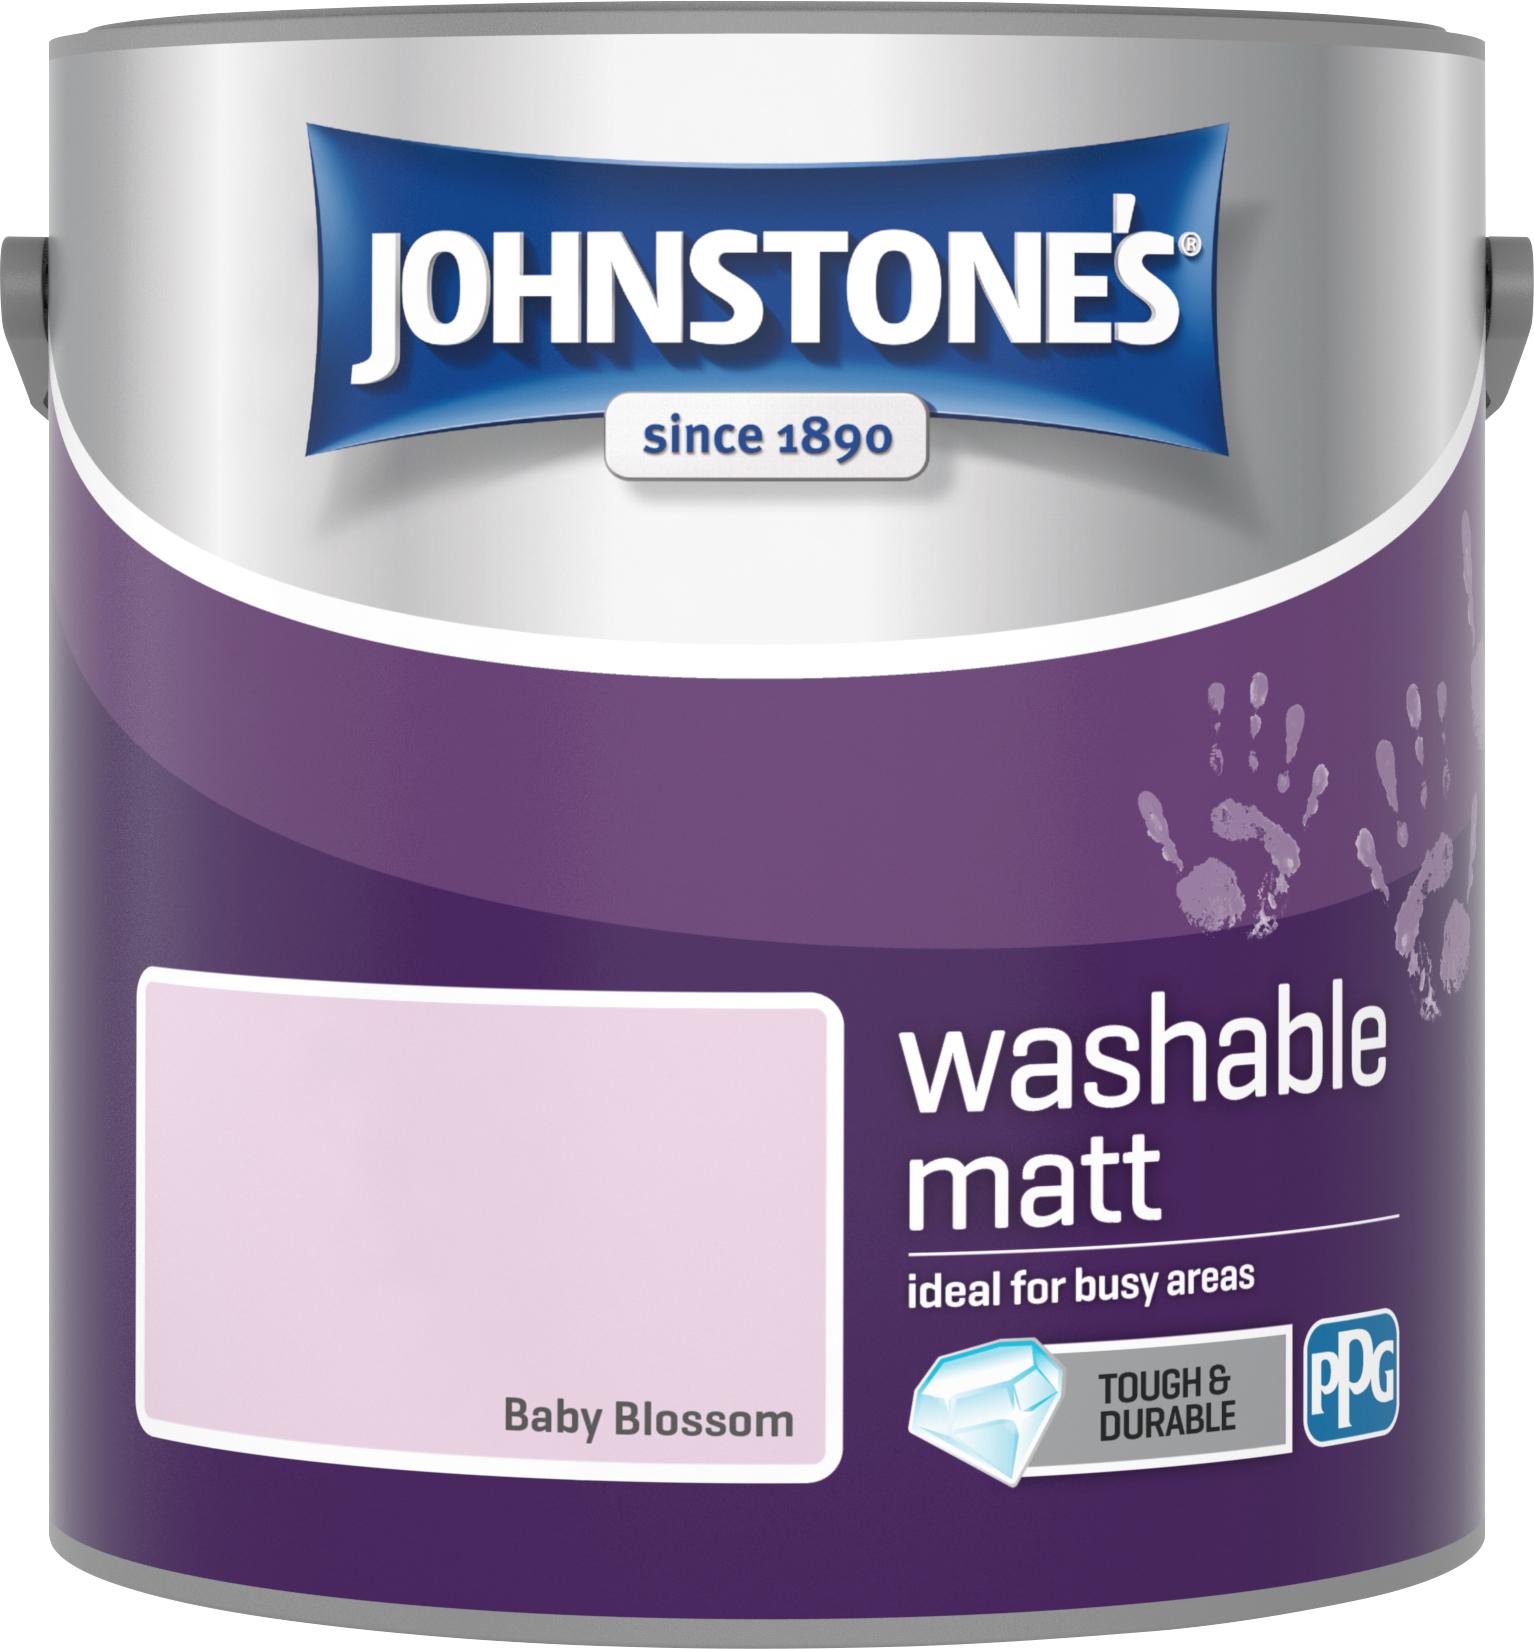 Johnstone's 2.5 Litre Washable Matt Emulsion Paint -  Baby Blossom